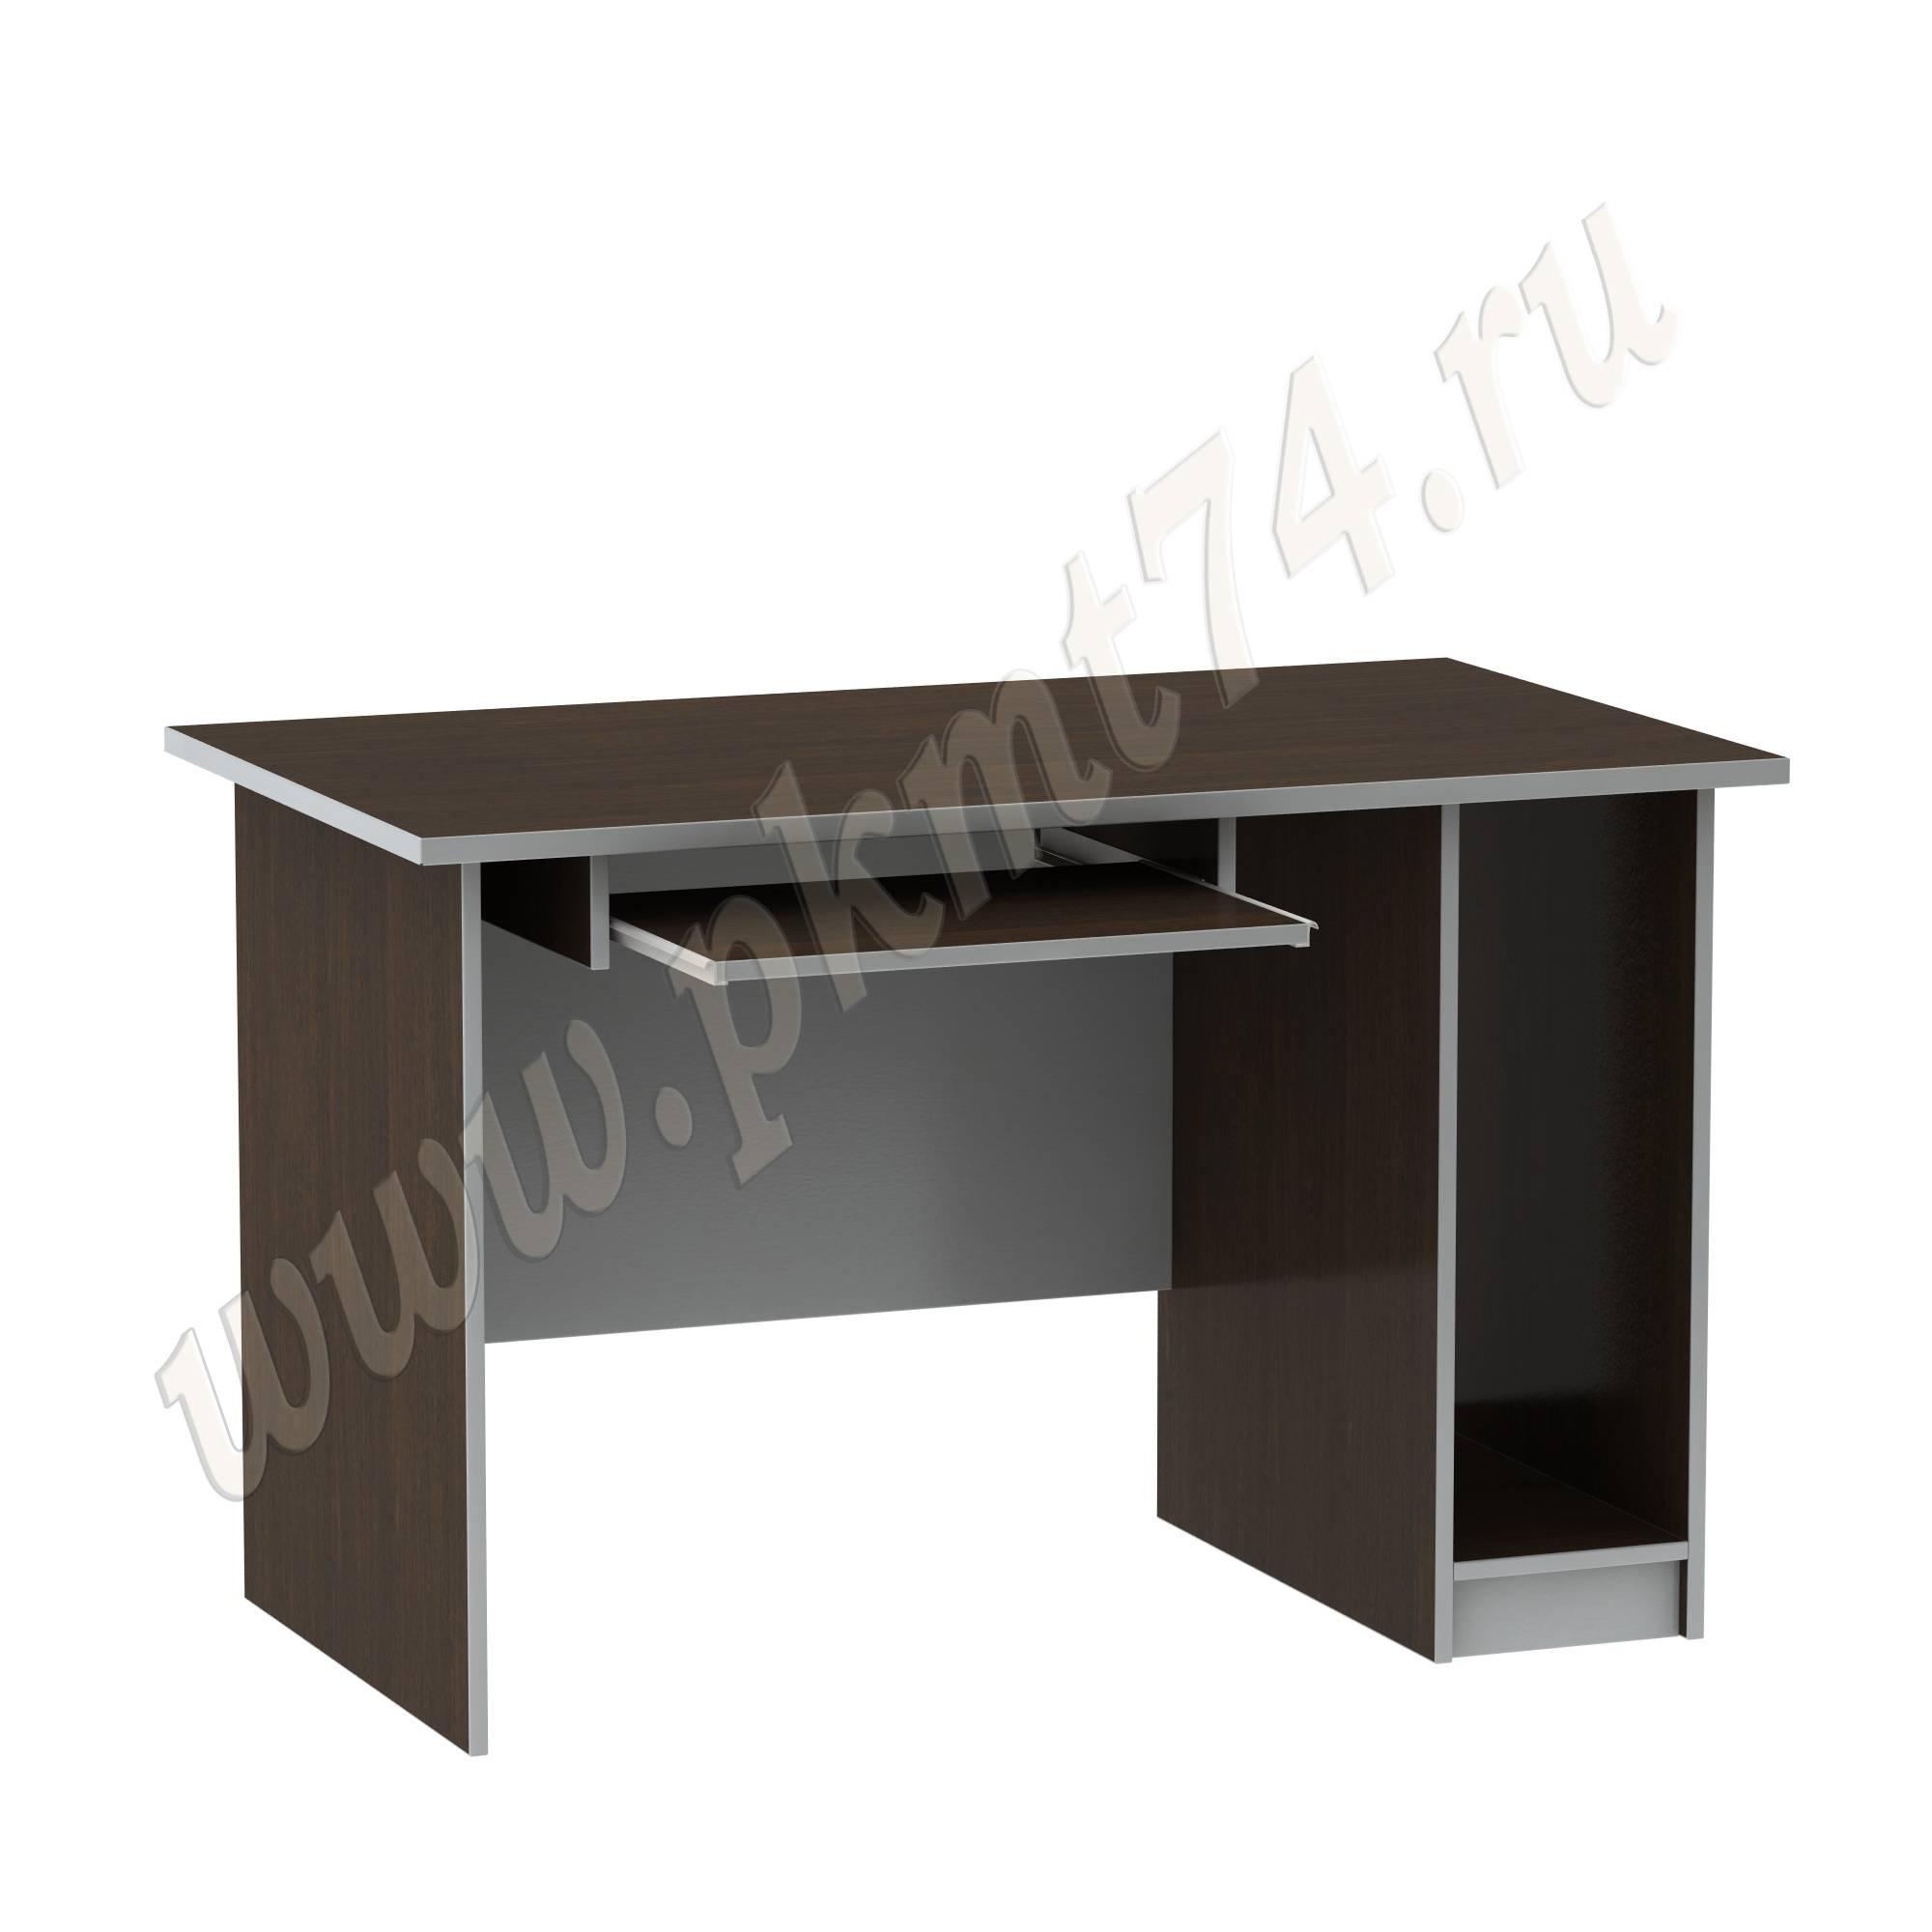 Стол офисный с подставкой под системный блок [Стандартный цвет:: Орех; Цвета ЛДСП на выбор:: Венге-Алюминий]